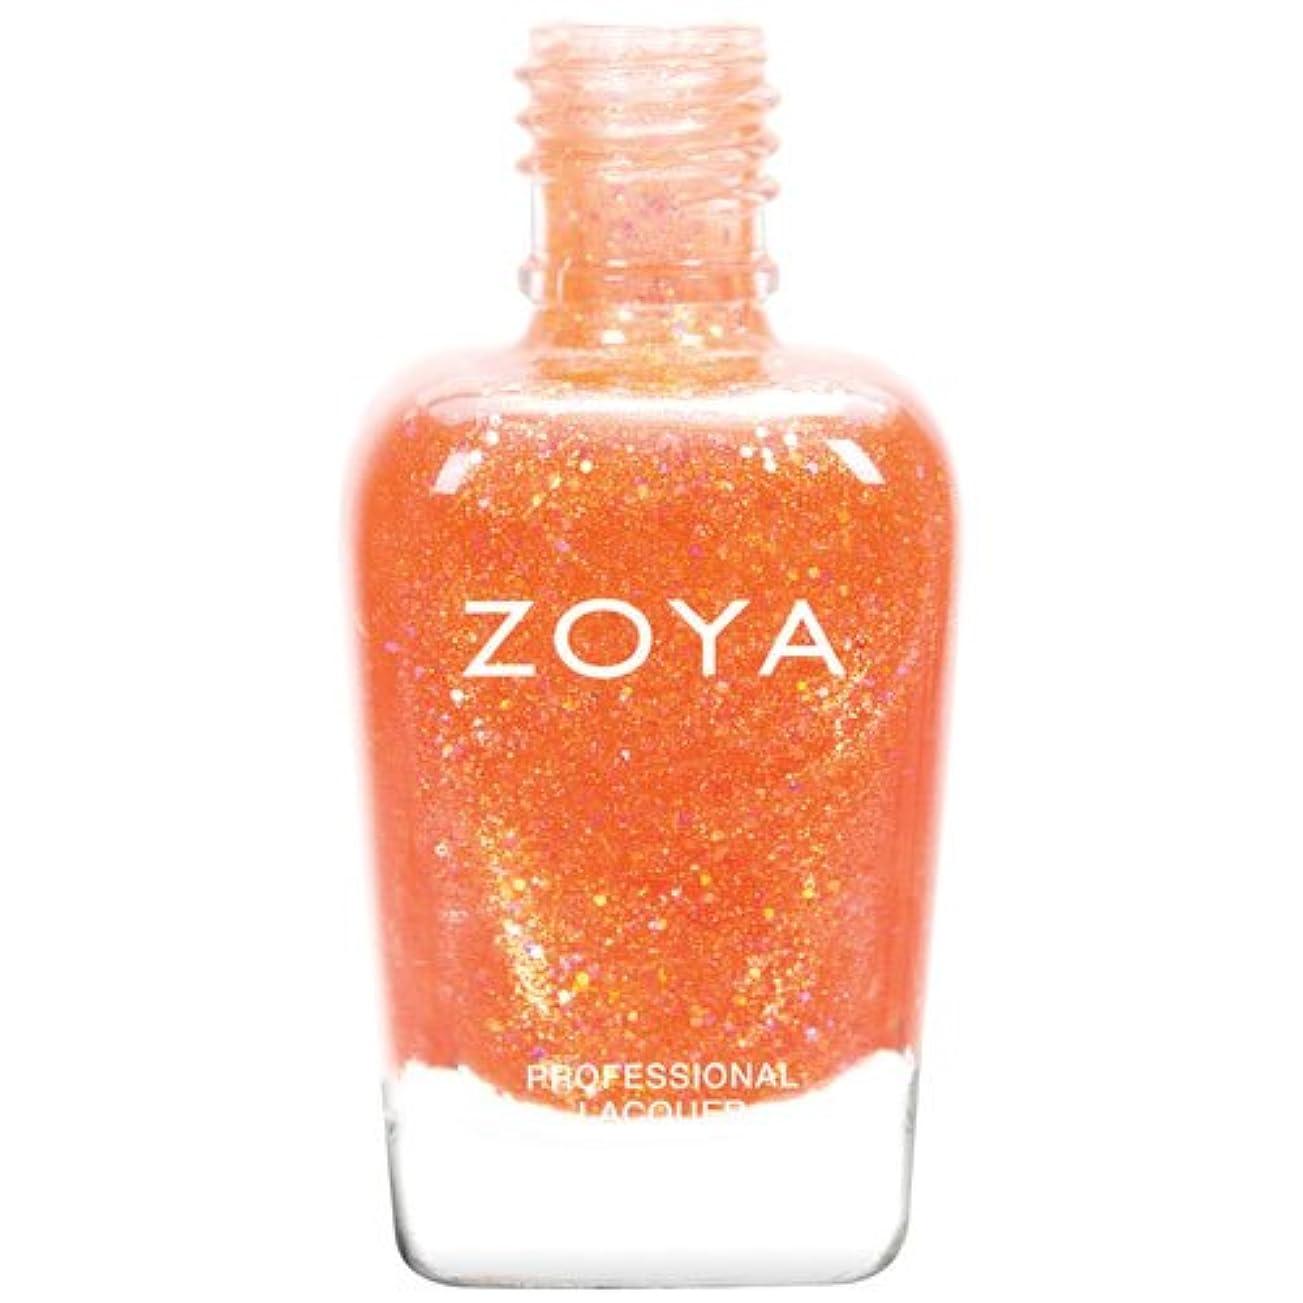 ZOYA ゾーヤ ネイルカラーZP740 Jesy ジェシー 15ml Tickled&Bubbly 2014 Summer Collection コーラルオレンジ グリッター 爪にやさしいネイルラッカーマニキュア